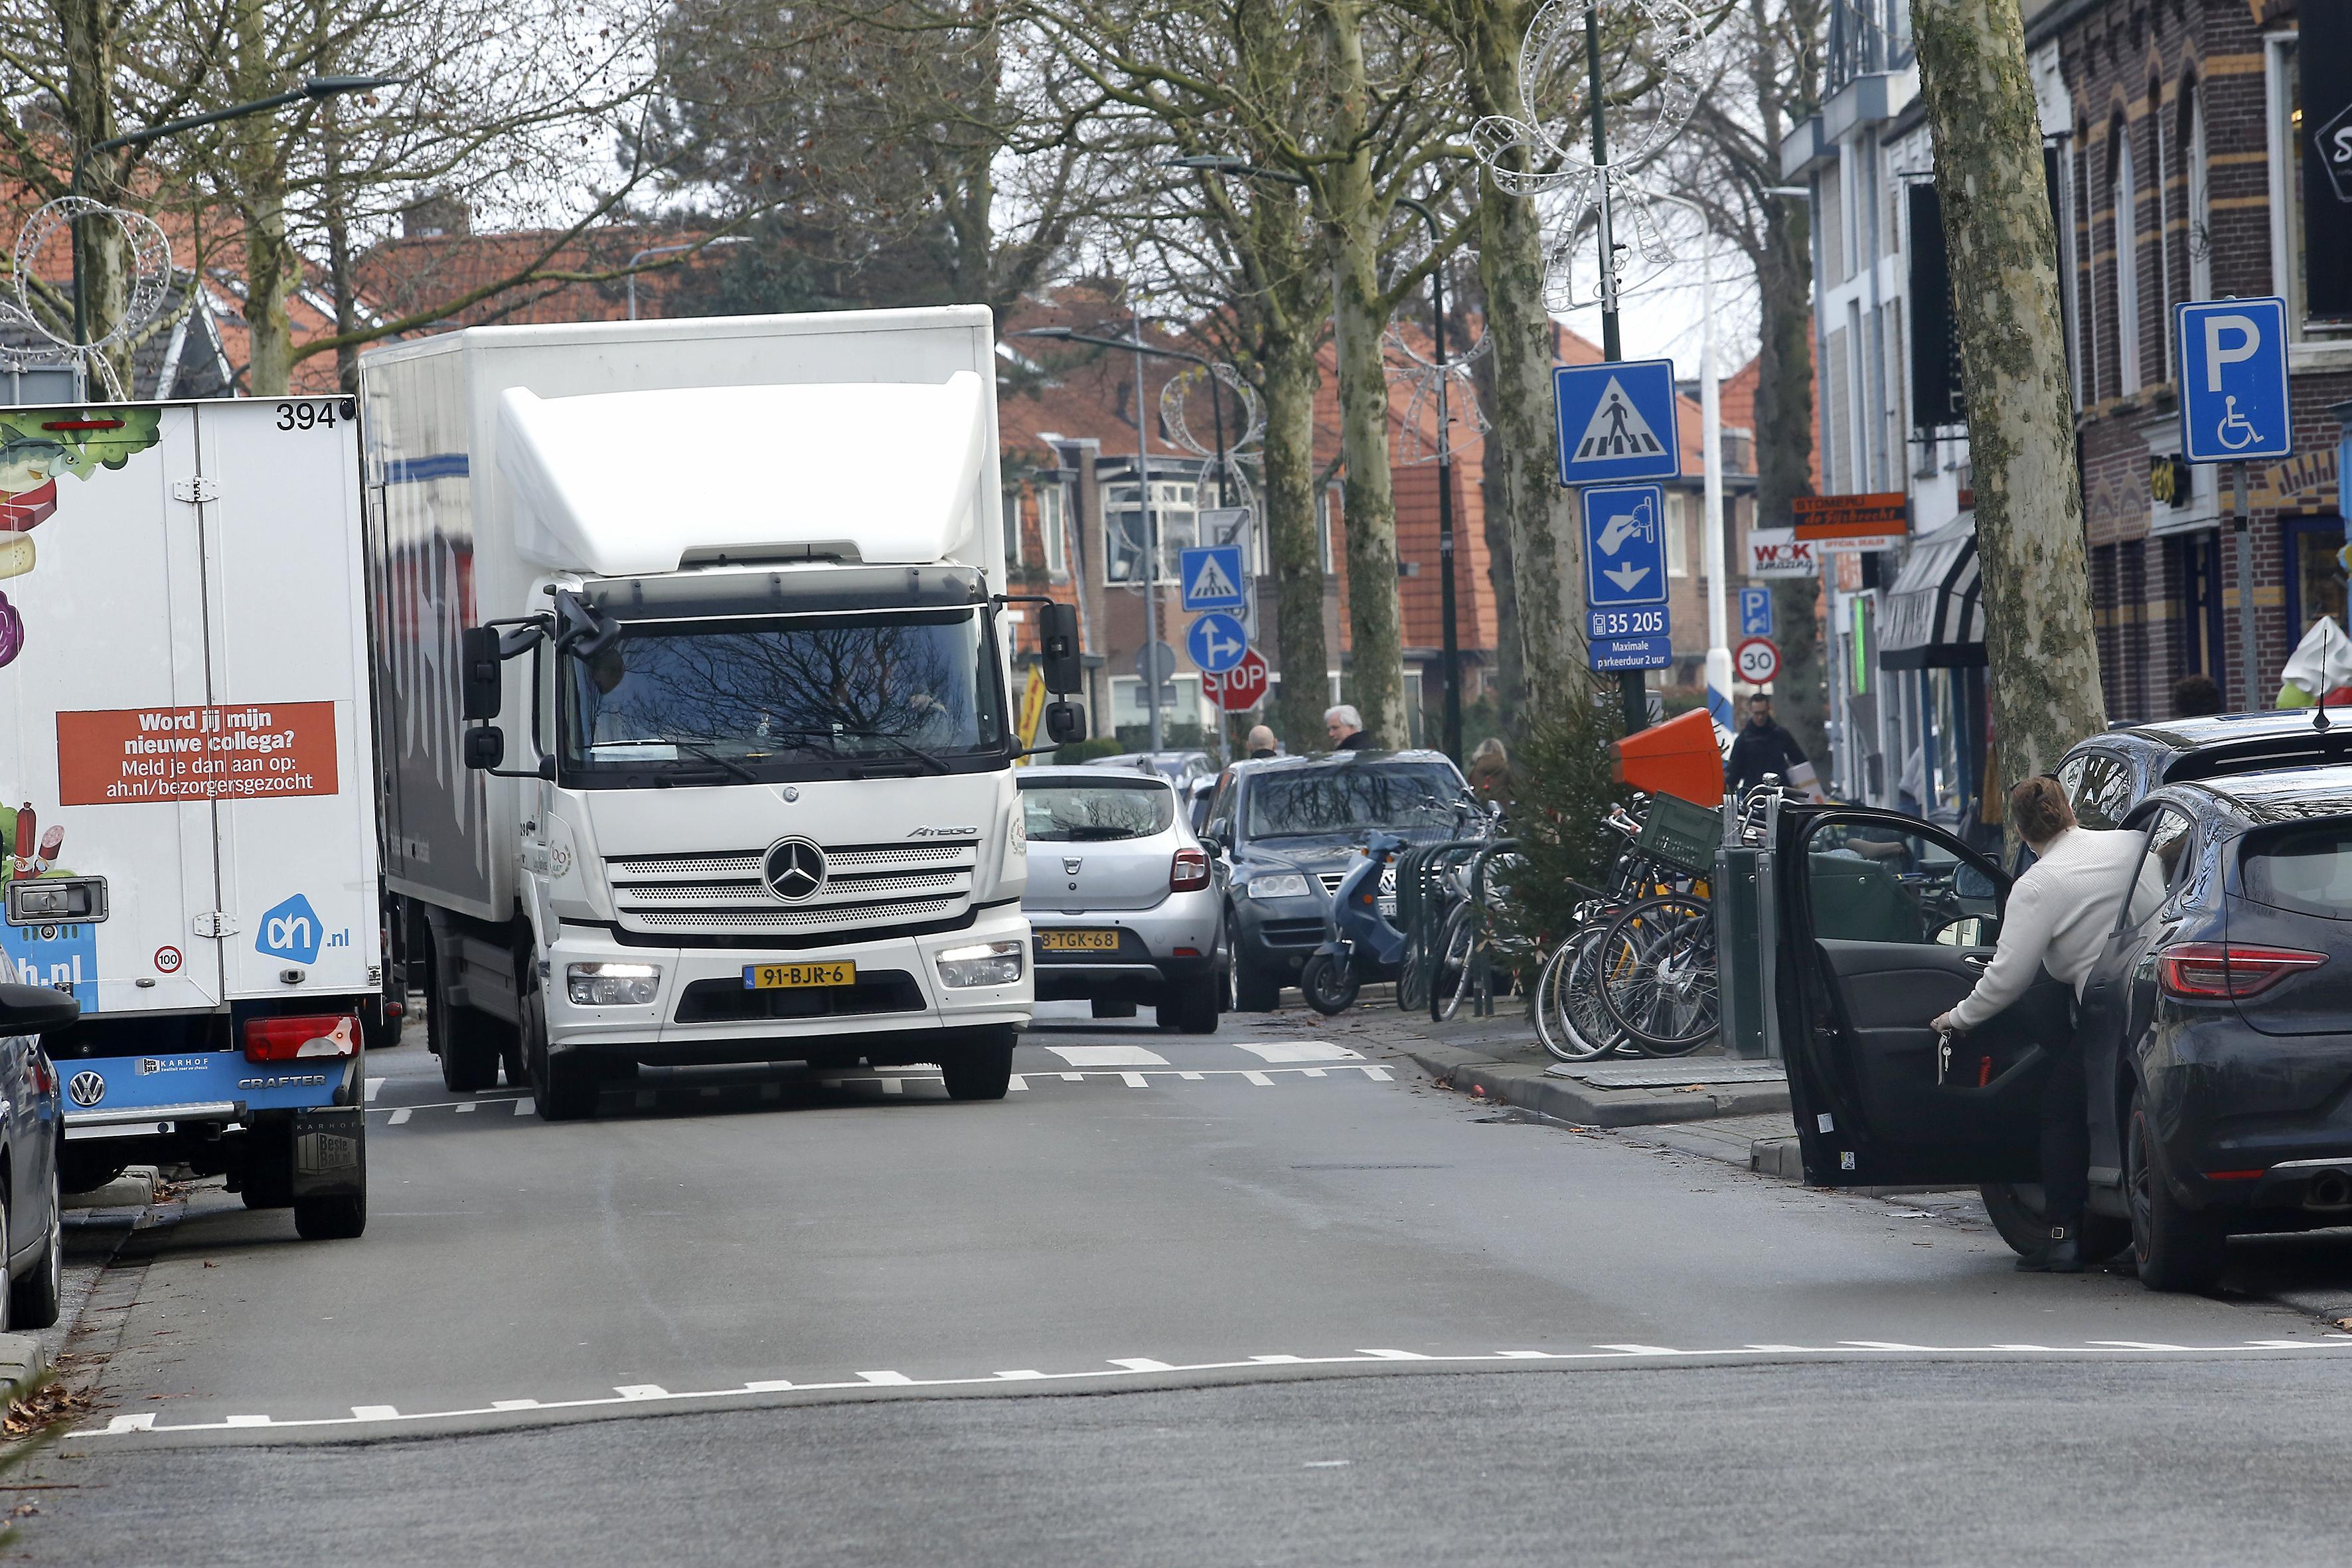 Hilversum is klaar voor distributiehub: goederen lossen aan de rand en met cargofietsen de stad inbrengen